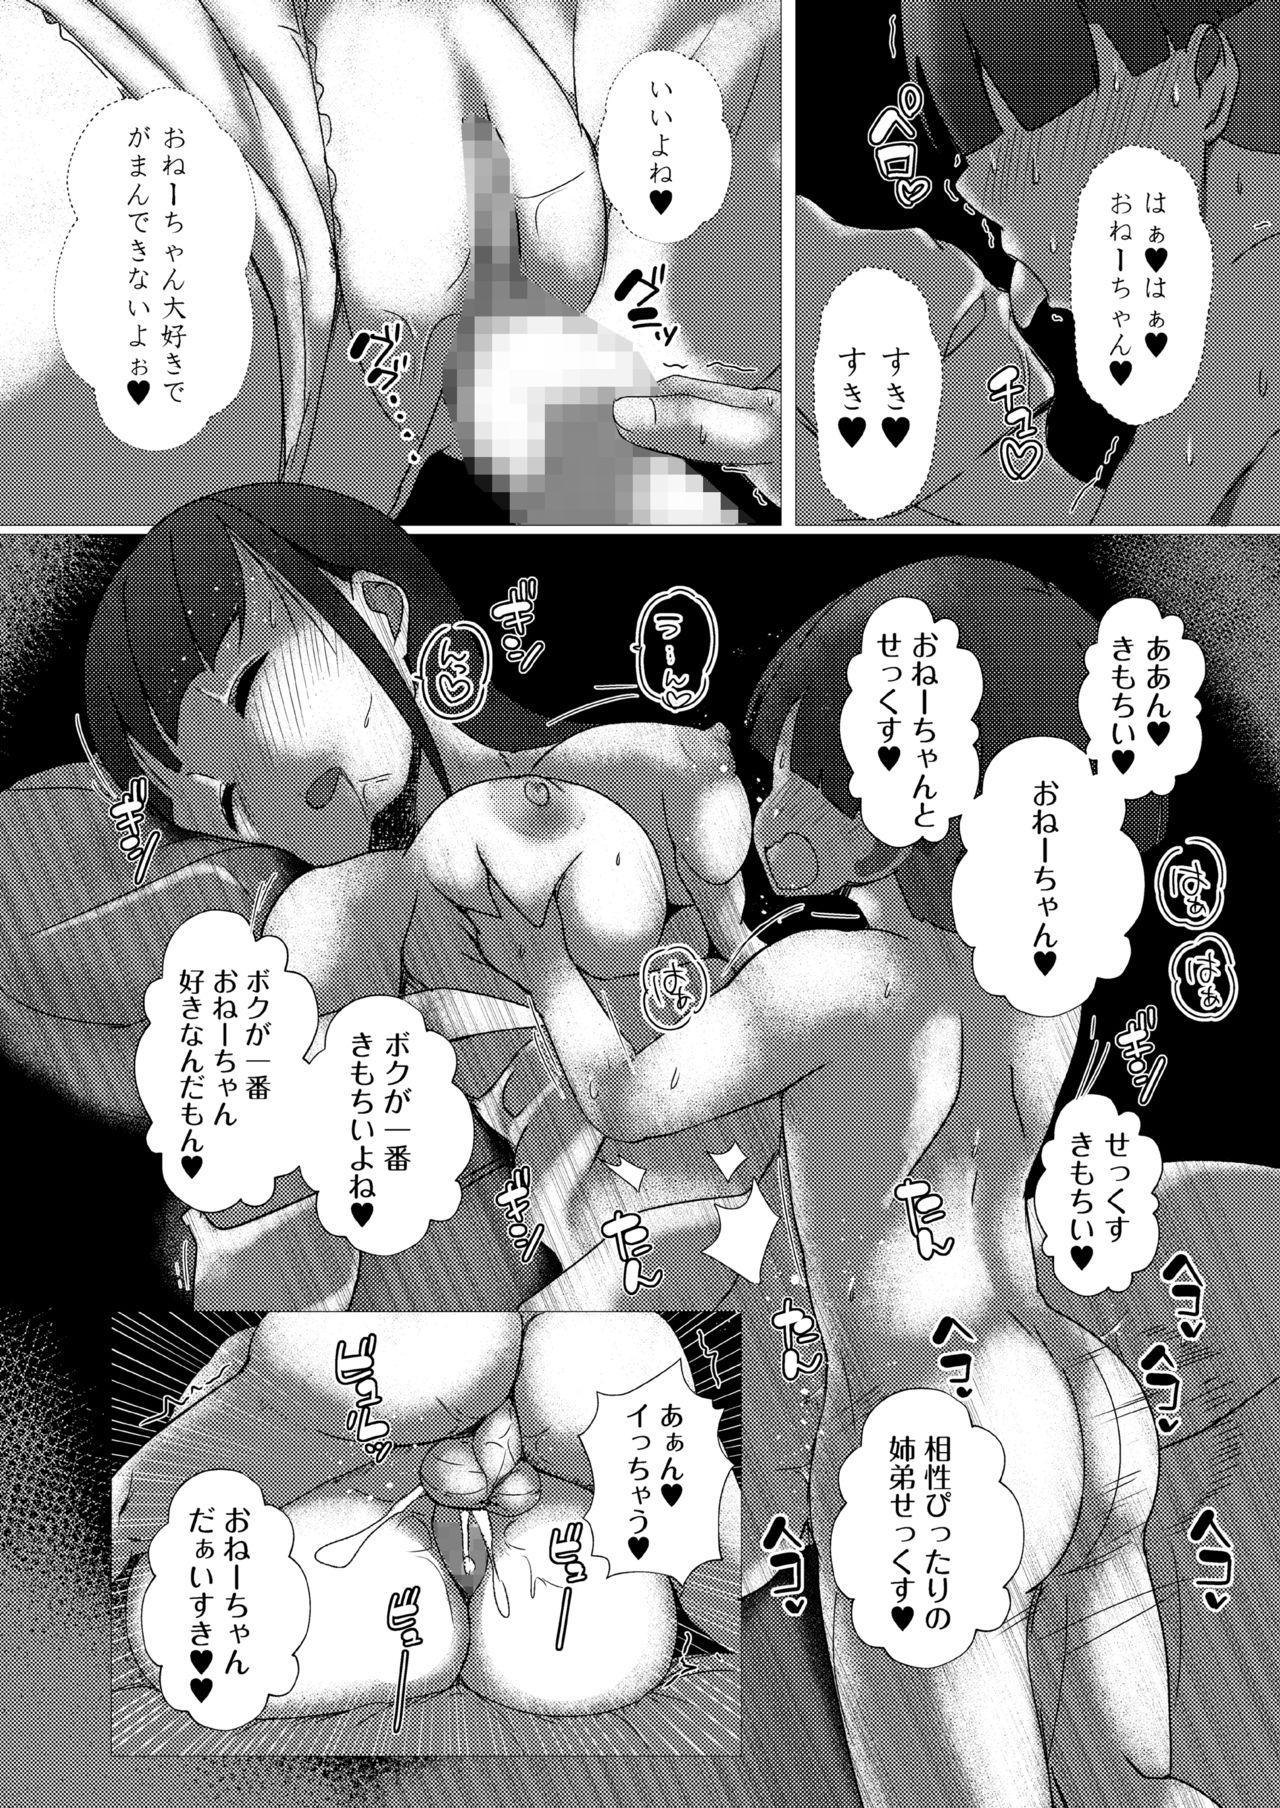 Kotowarenai Musume Ecchi na Karada de Oshiniyowai Seiyuu Shibou no Ko ga Free Sex Gakuen ni Nyuugaku Shichattara 31